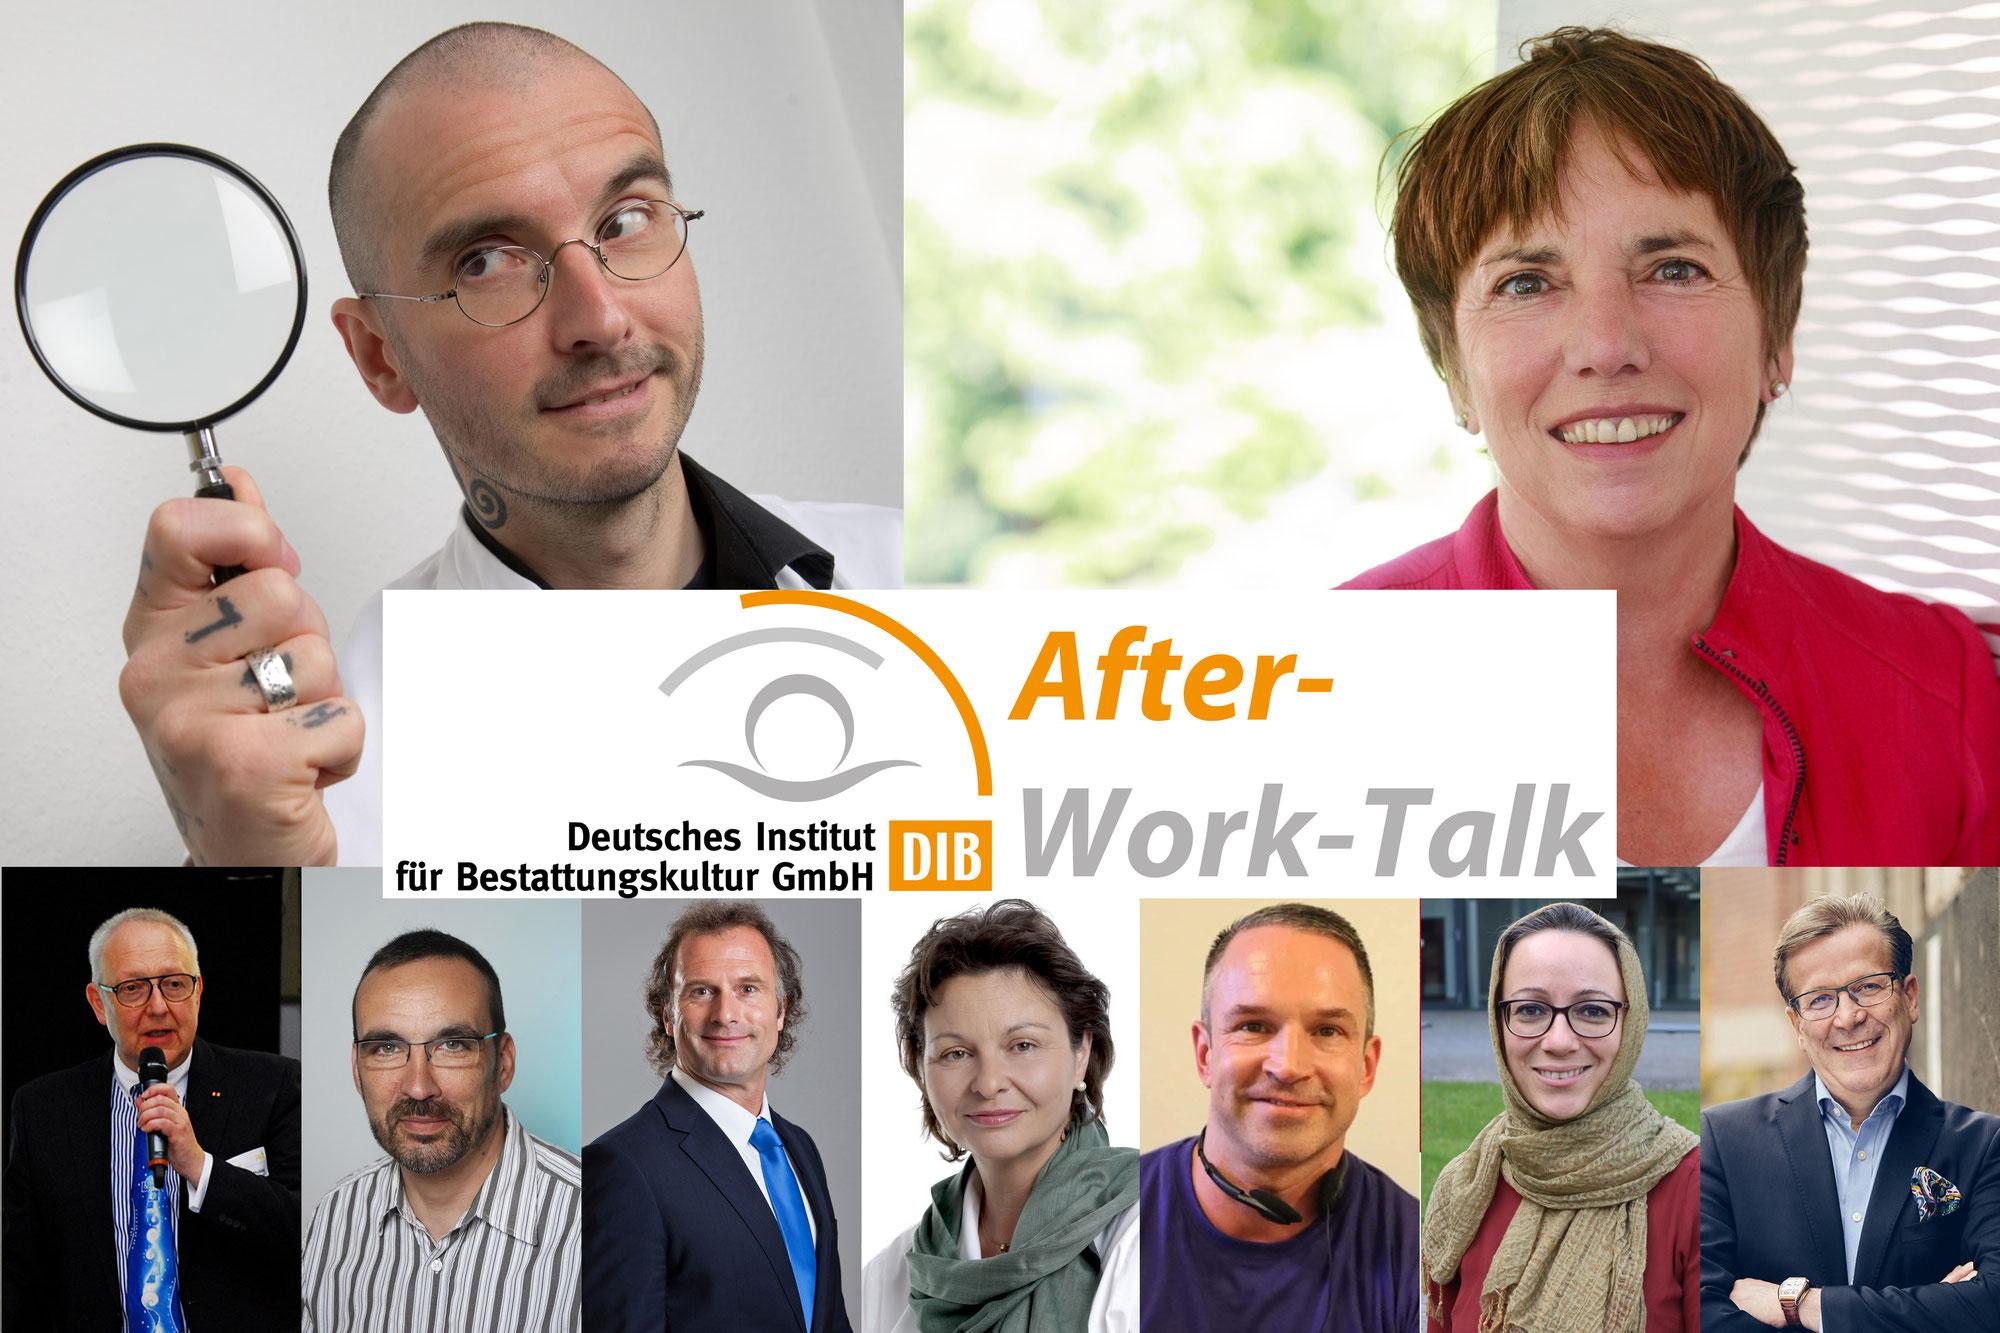 Virtueller After-Work-Talk: Christoph Kuckelkorn – ein Event-Planer zwischen Trubel und Trauer